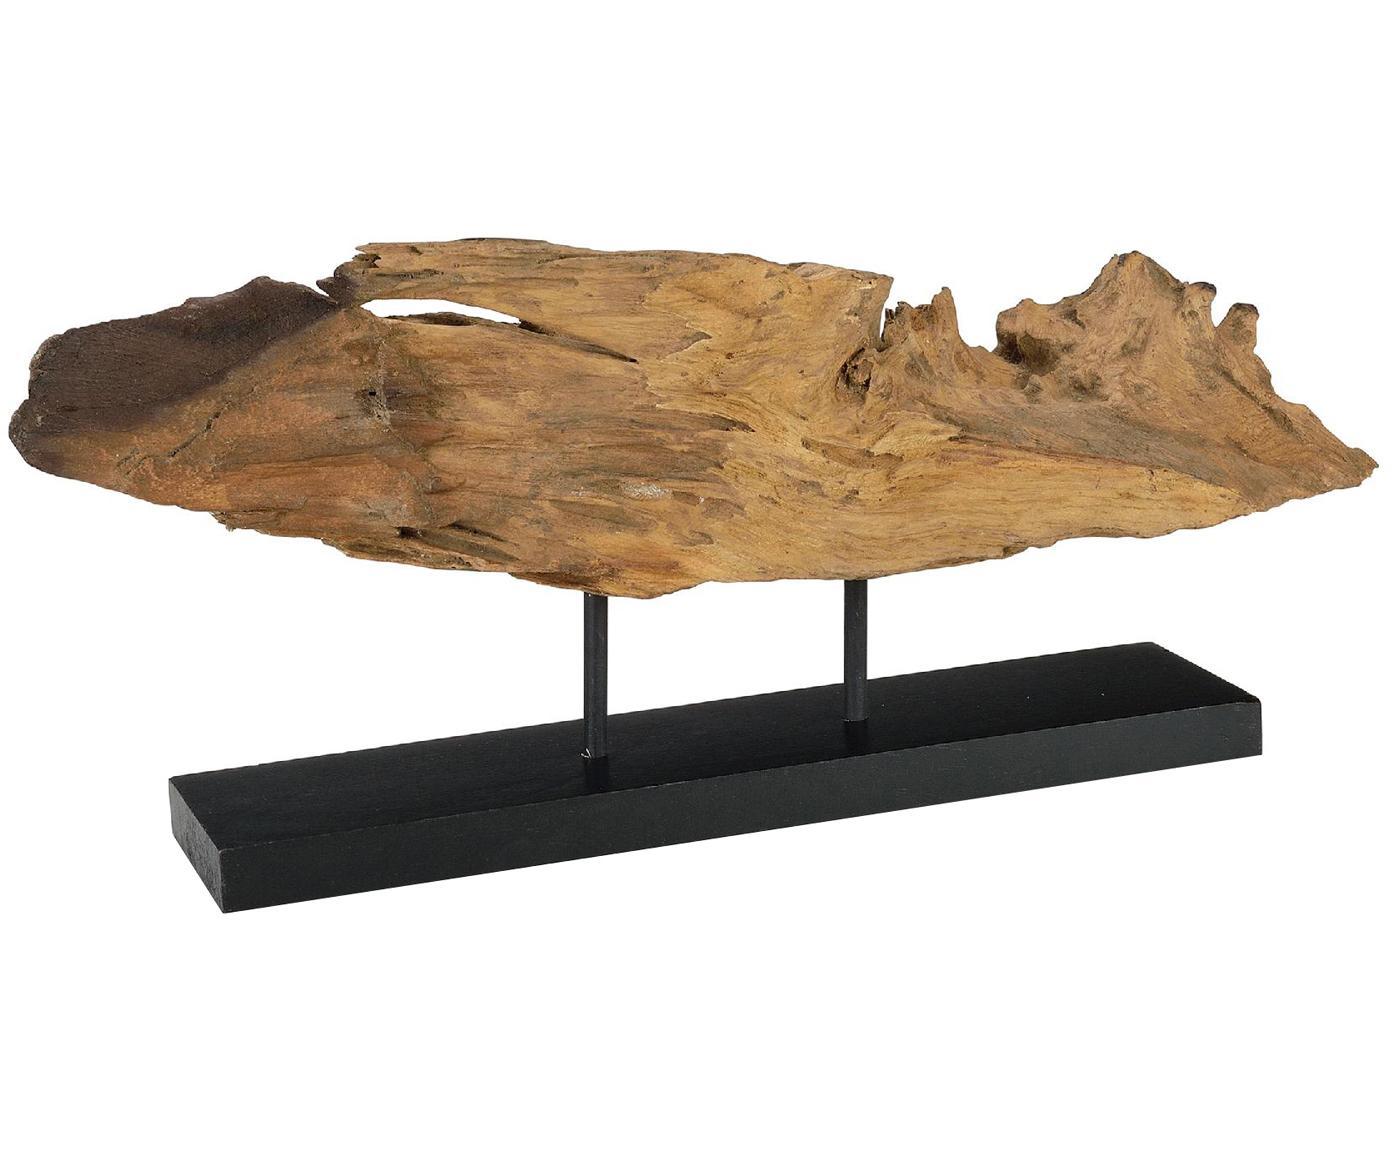 Deko-Objekt Acaia, Akazienholz, Braun, Schwarz, 50 x 28 cm